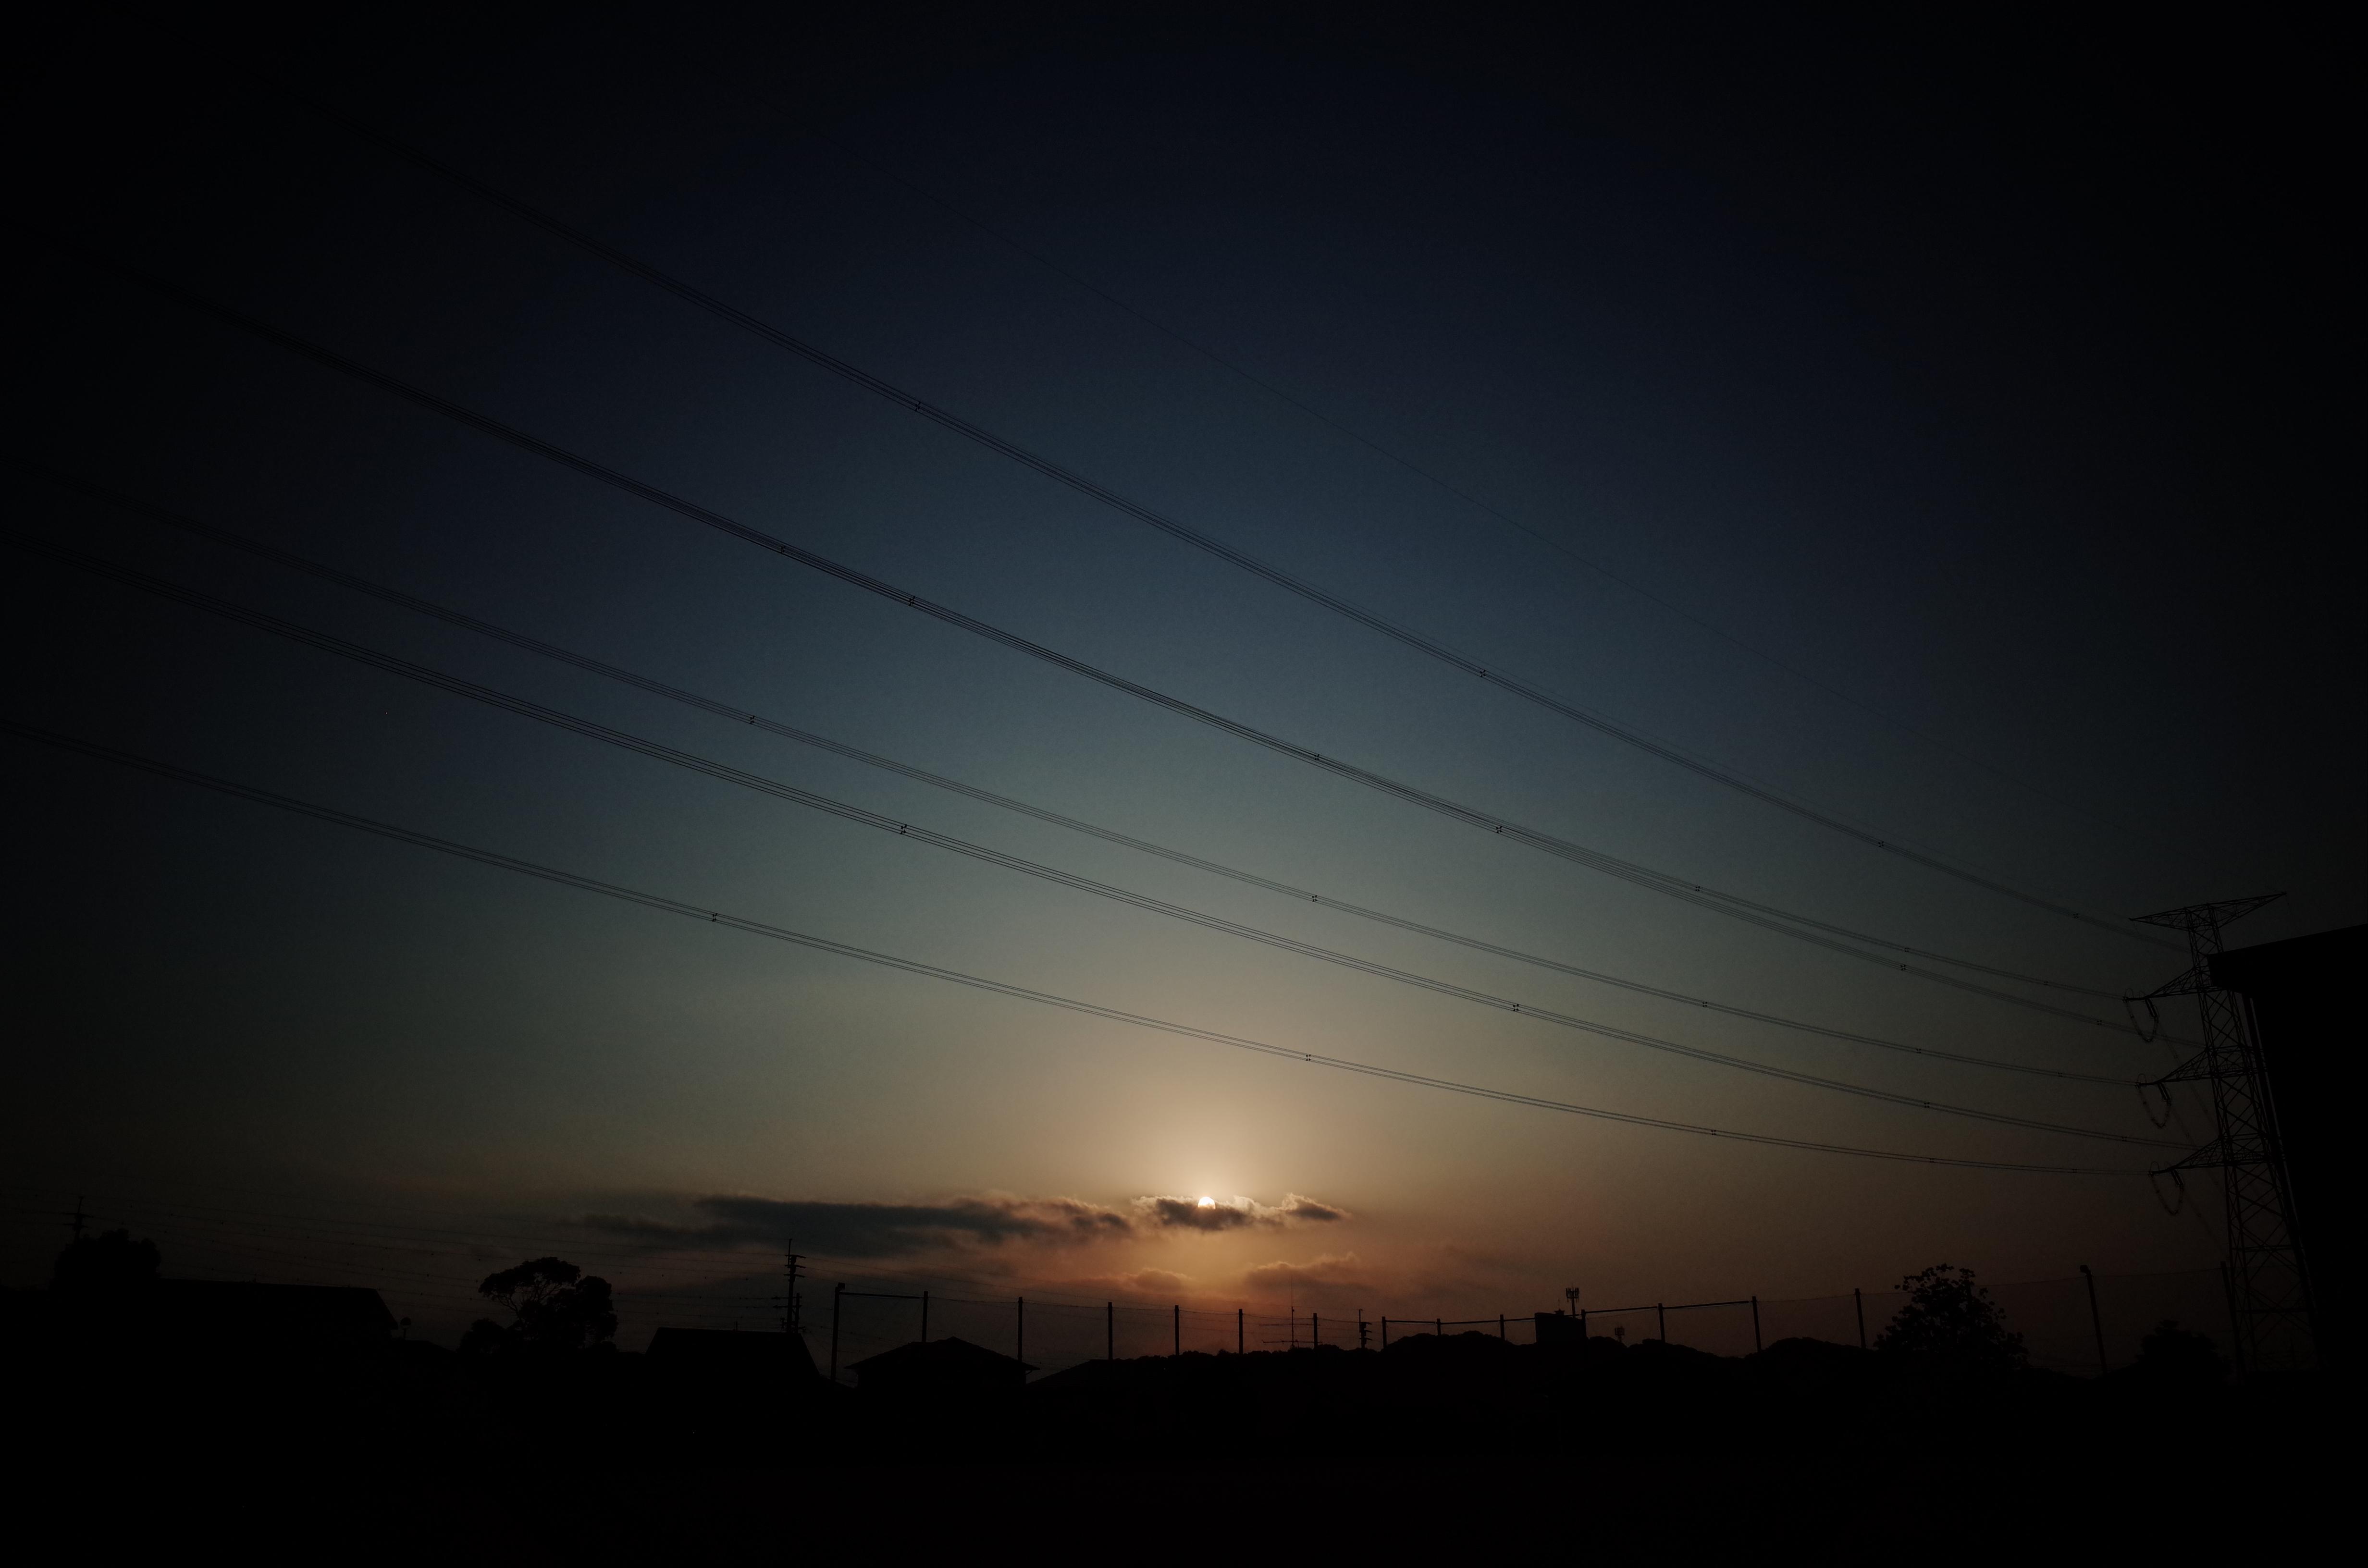 朝晩はRICOH GR、日中はKONICA C35。いまのところ。